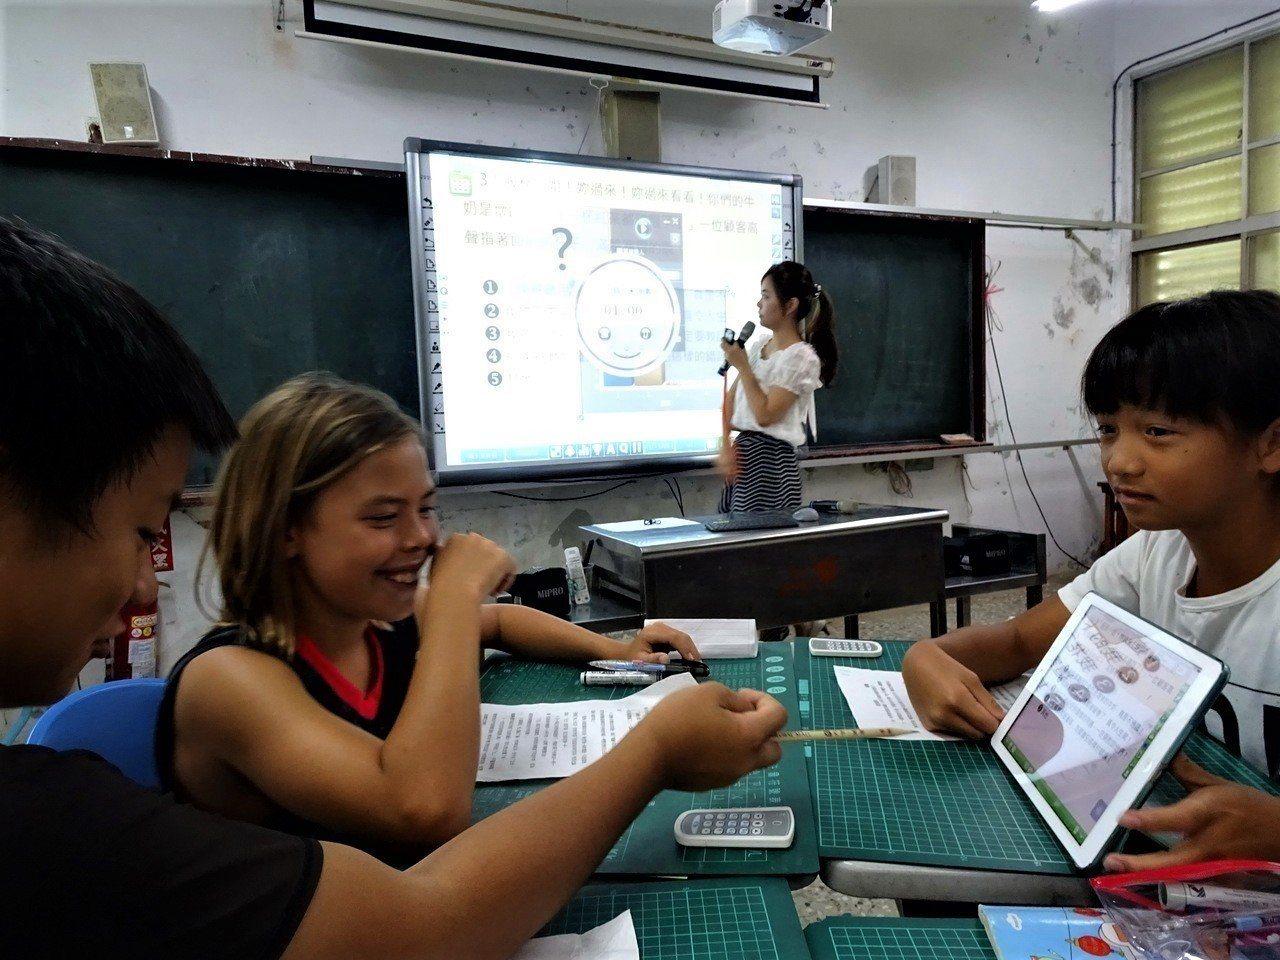 屏東縣政府在恆春水泉國小成立智慧學習基地,老師透過電子看板、學生藉由桌上的平板電...